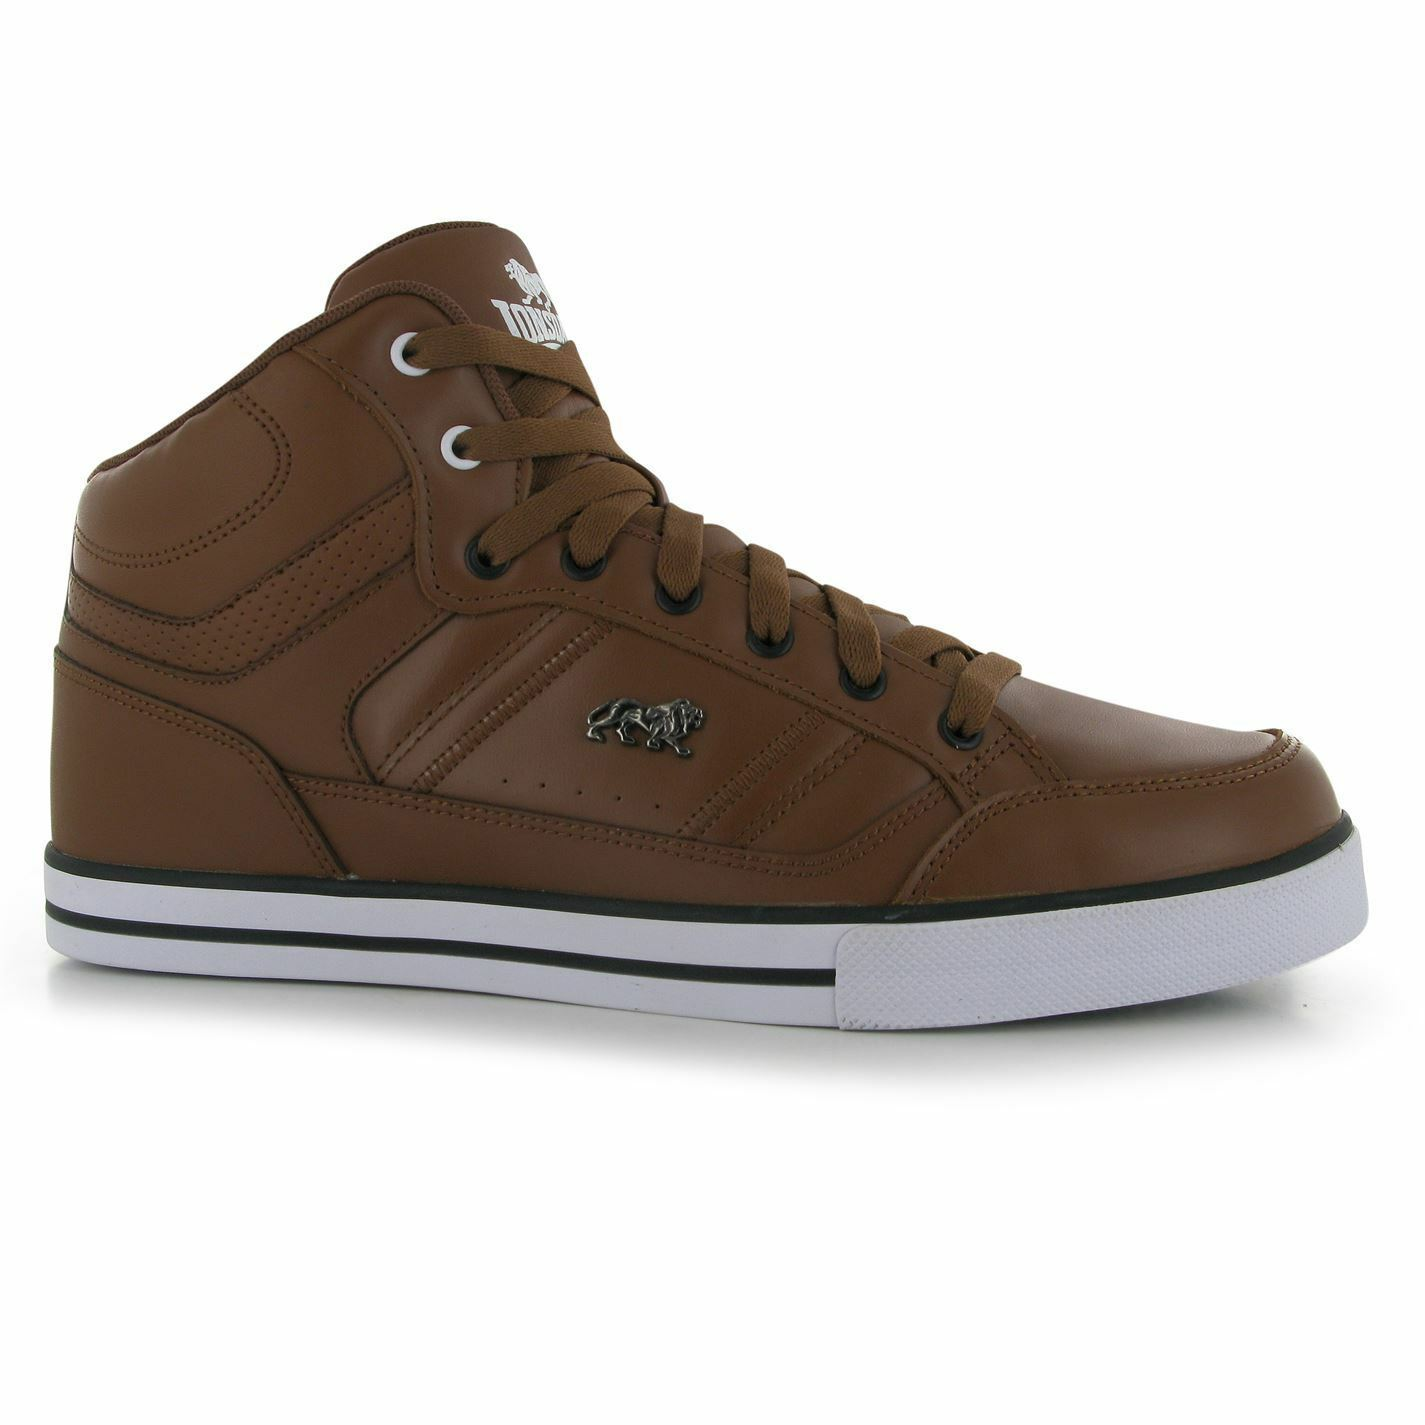 Lonsdale canons formatori e Uomo marrone / bianco e formatori scarpe da ginnastica scarpe casual. 83f4e9